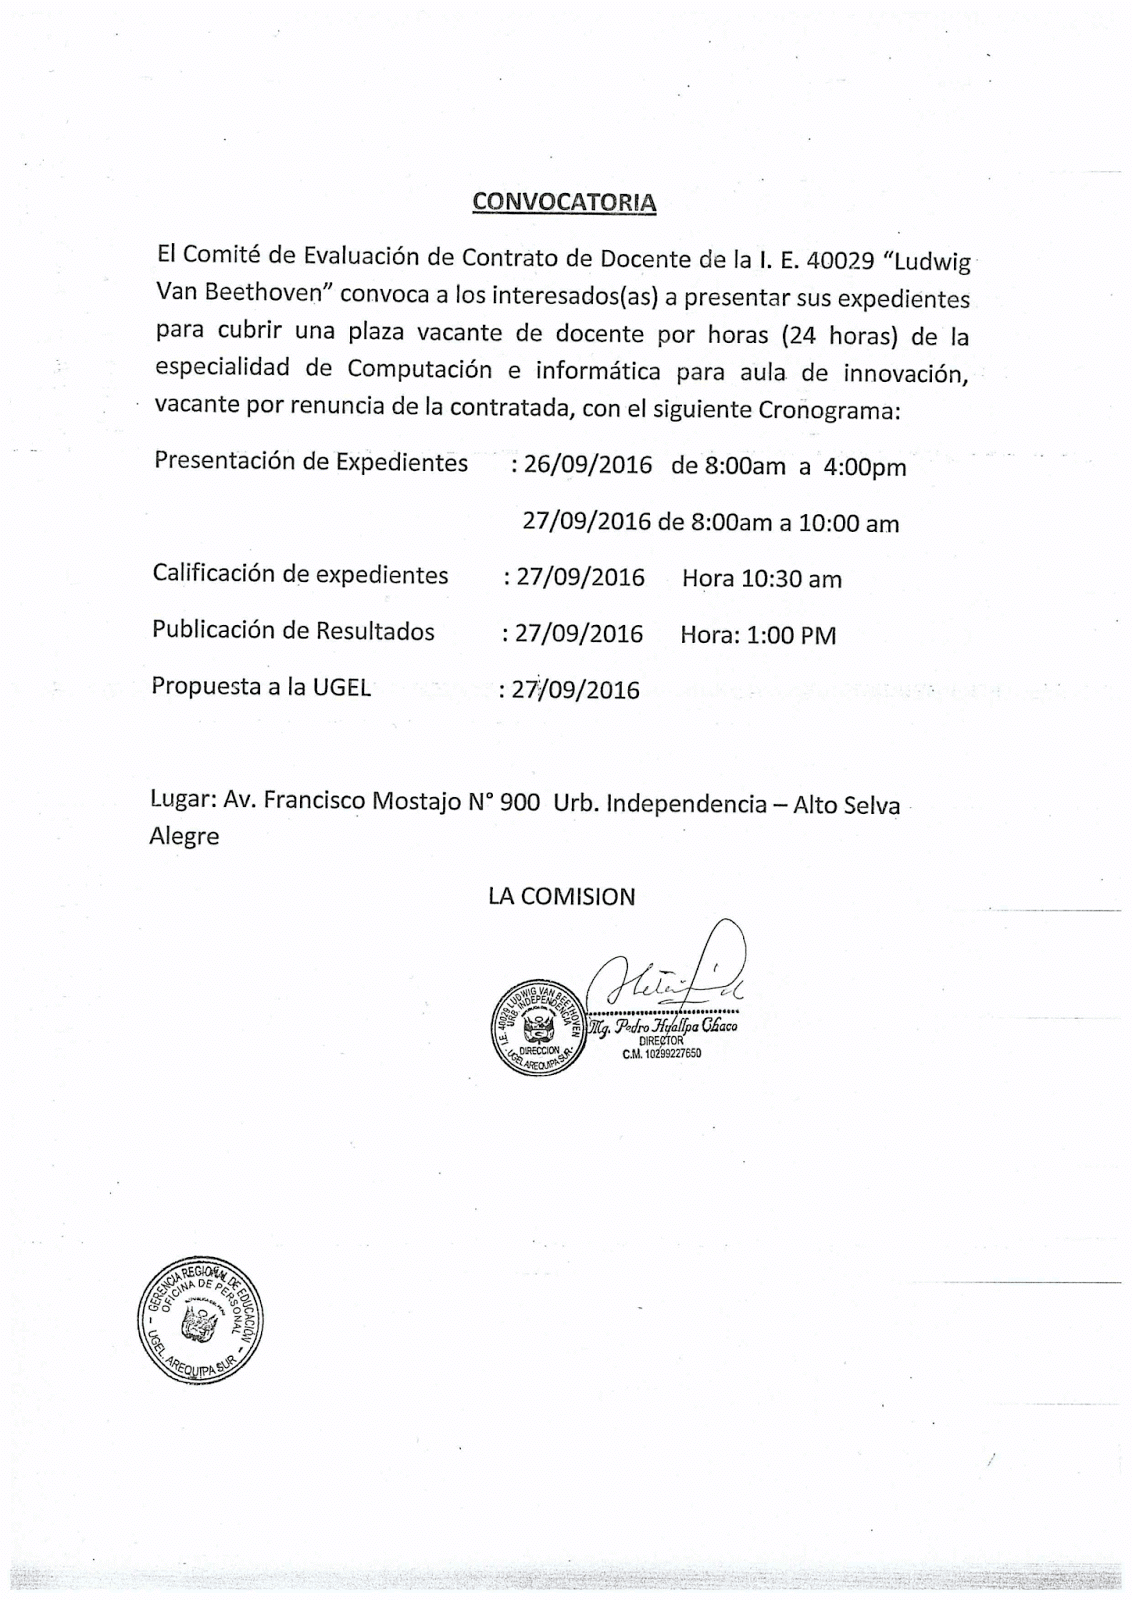 Convocatoria para contrato docente 2016 i e ludwig van for Convocatoria para docentes